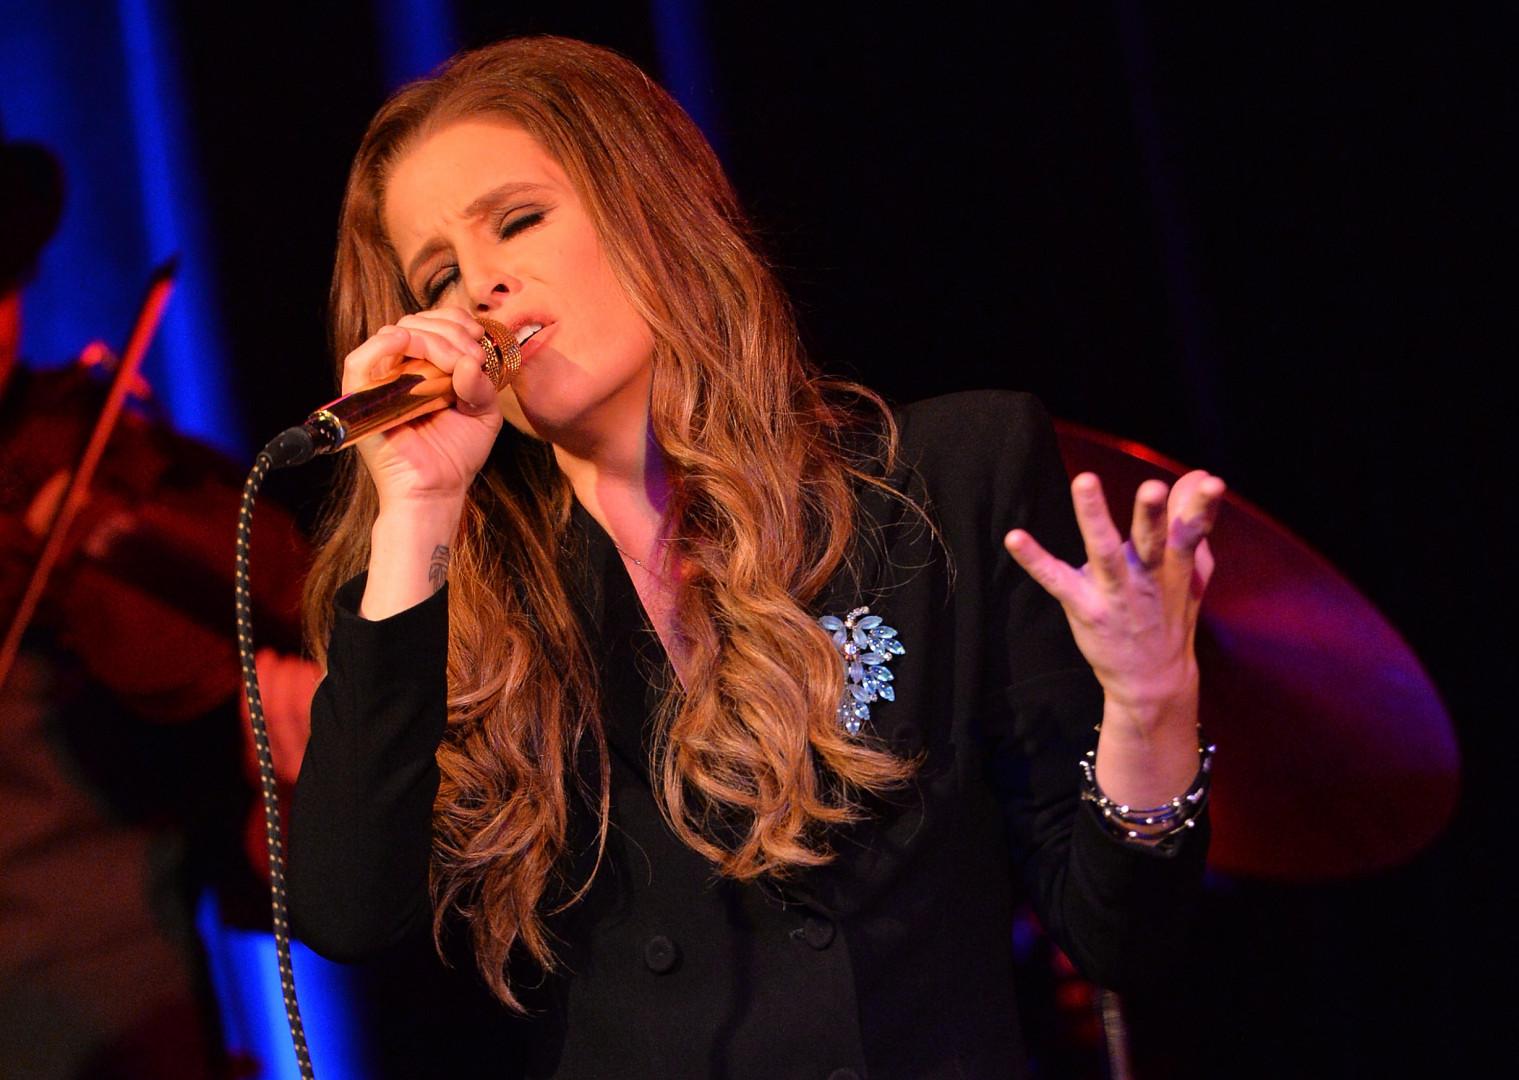 """""""Elle connaît les enjeux et les ficelles"""" de la politique, a confié Lisa Marie Presley à propos de l'ancienne secrétaire d'États de Barack Obama"""